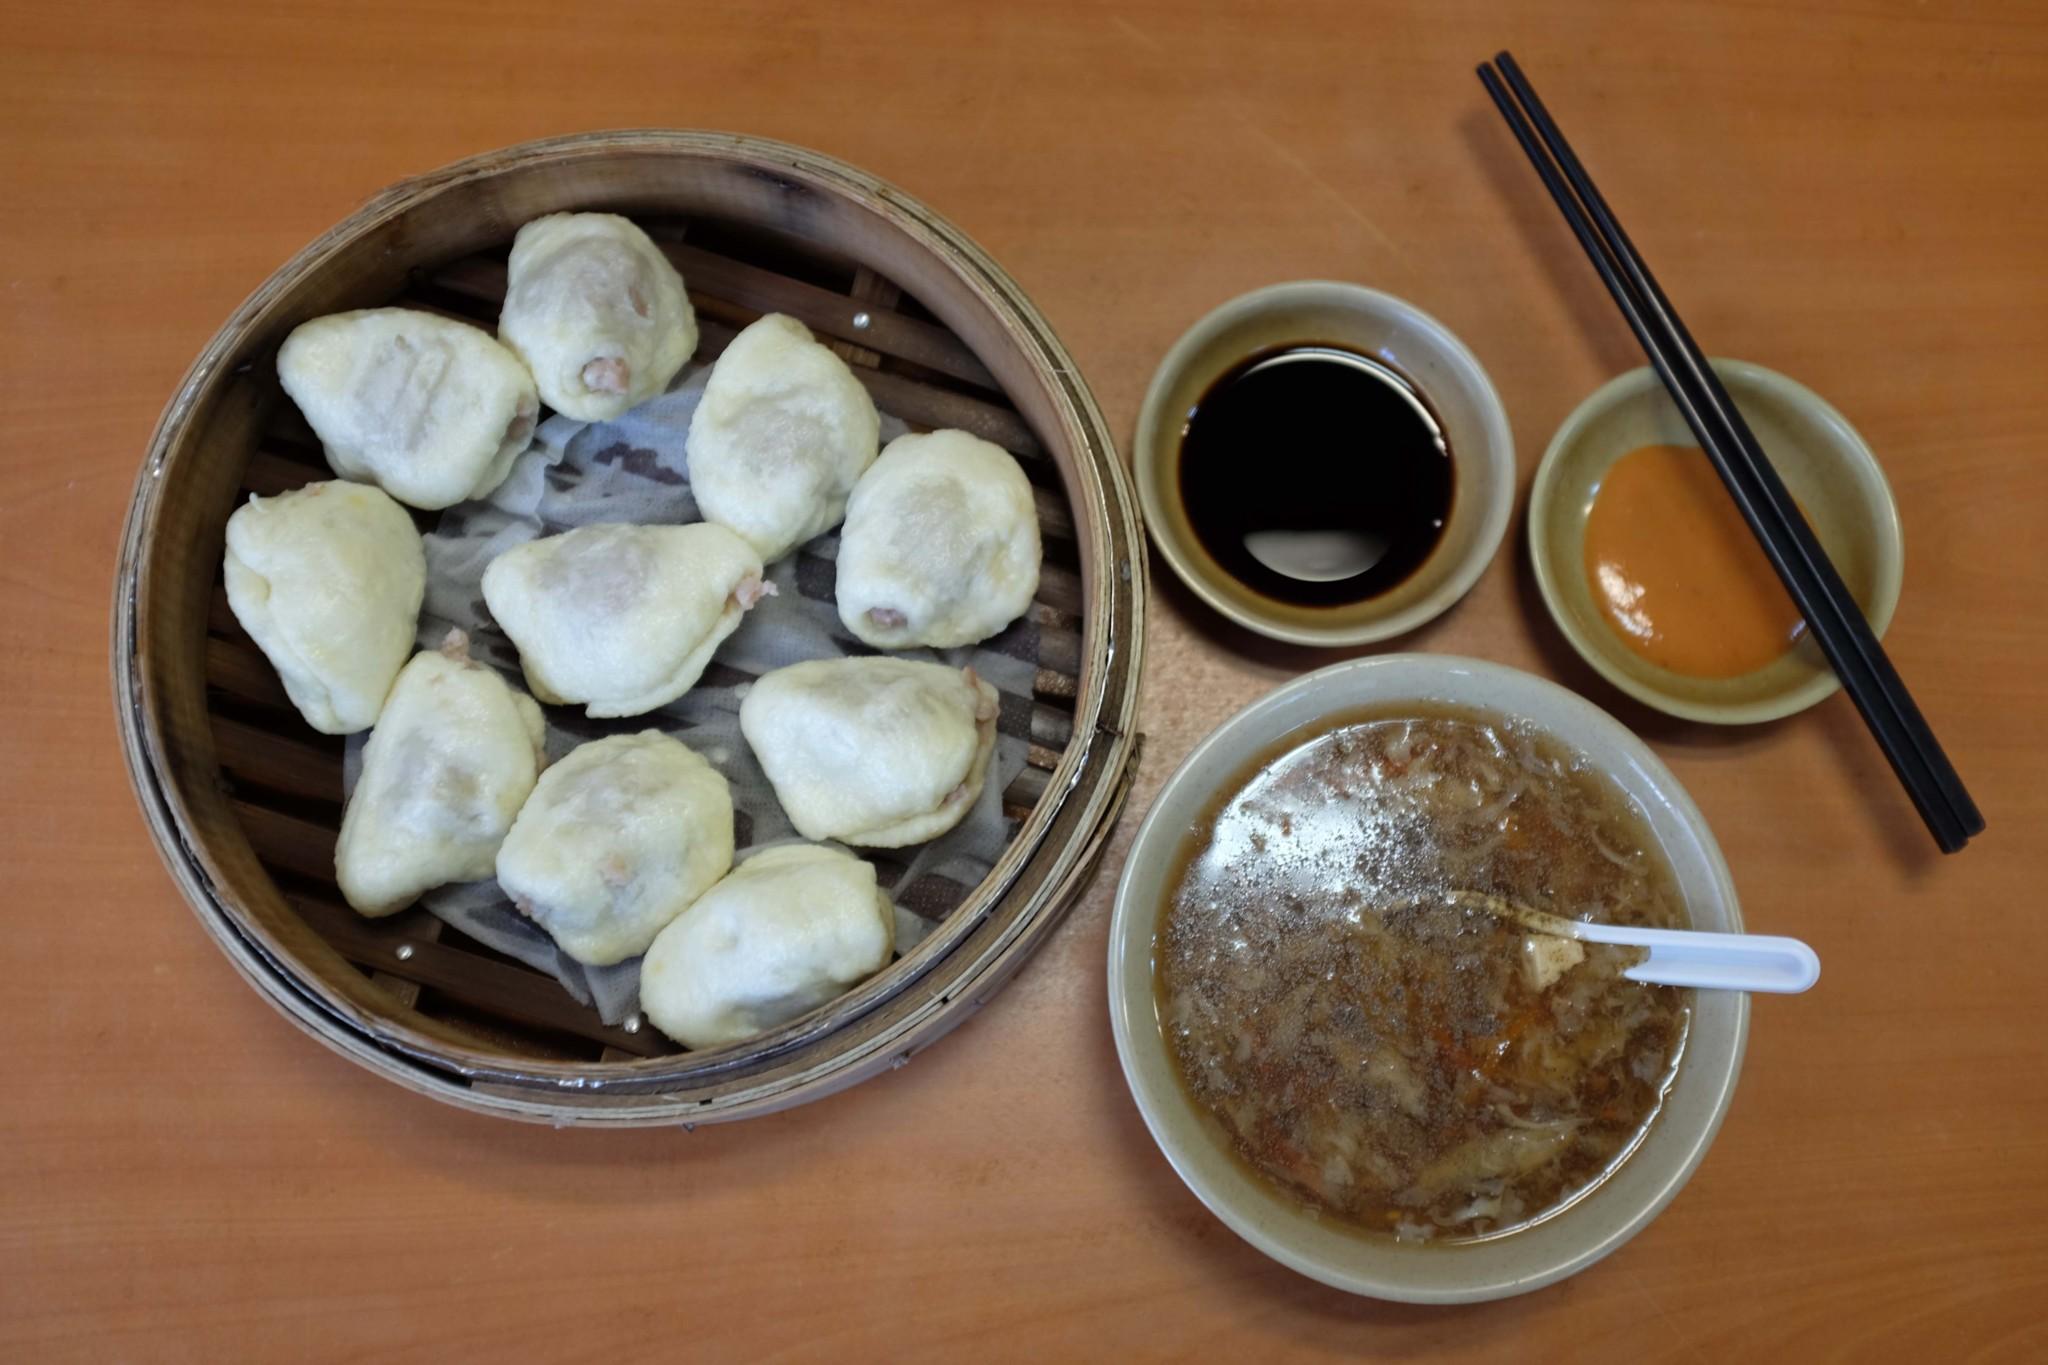 左から蒸包(10個入り・80台湾$)、酸辣湯(25台湾$)。